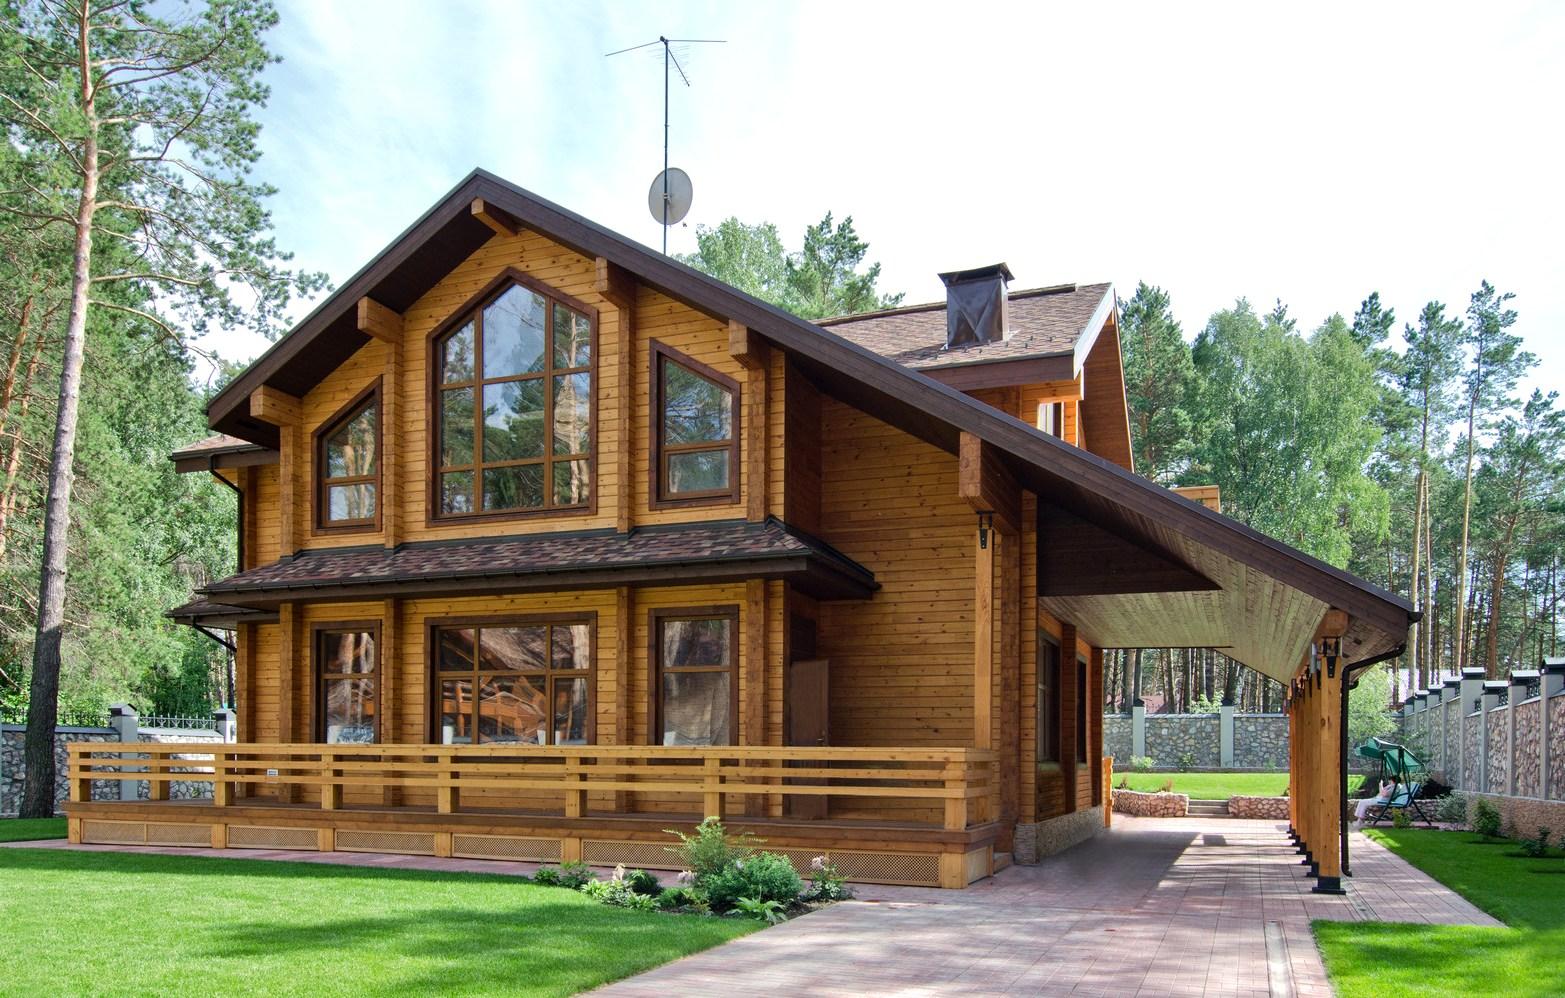 красивые деревянные дома и коттеджи проекты фото въезде демилитаризованную